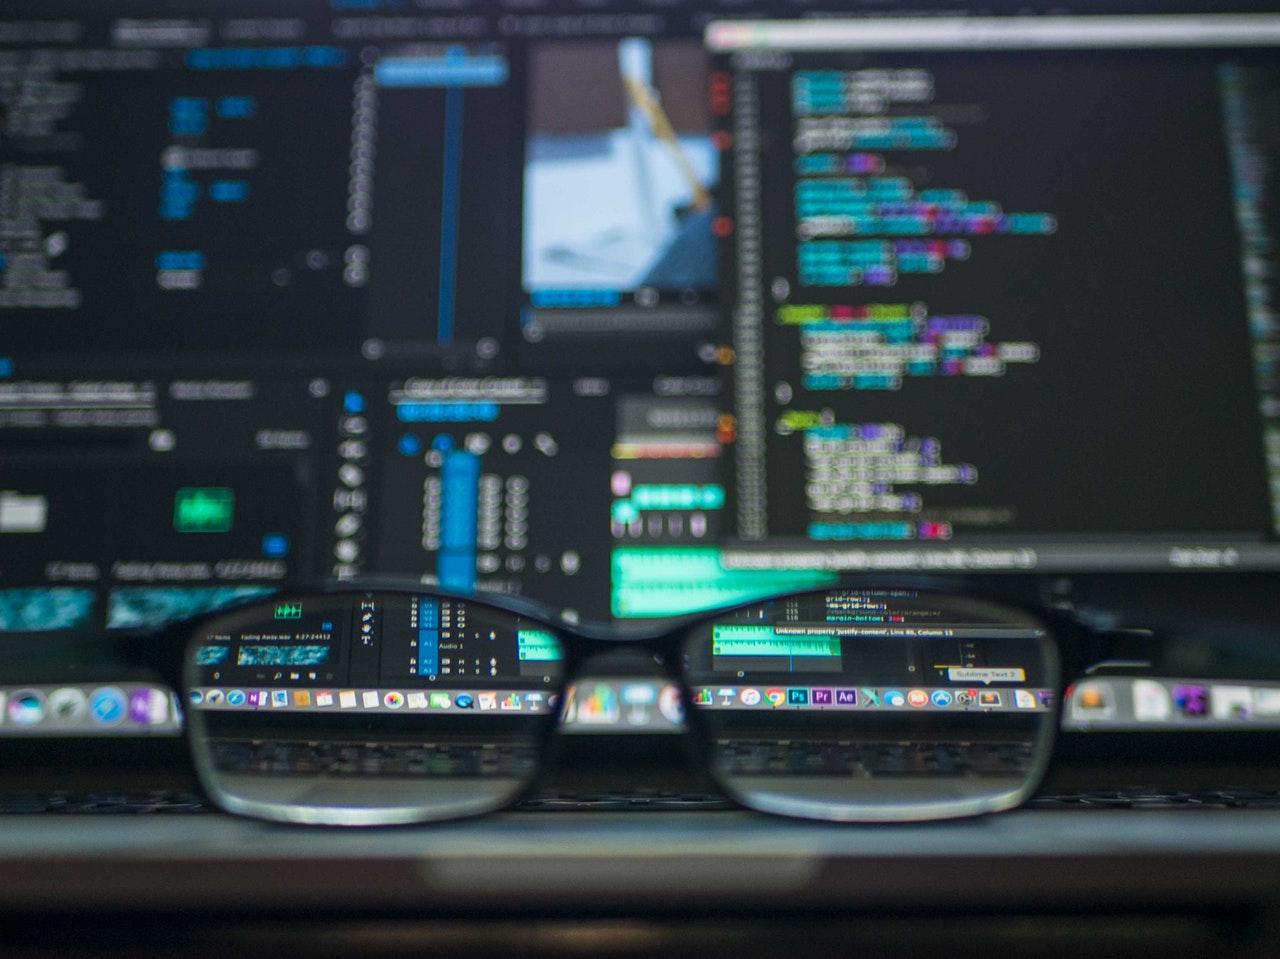 VDU mokslininkai pradeda vykdyti ateities teisės projektą technologijų reguliavimo srityje